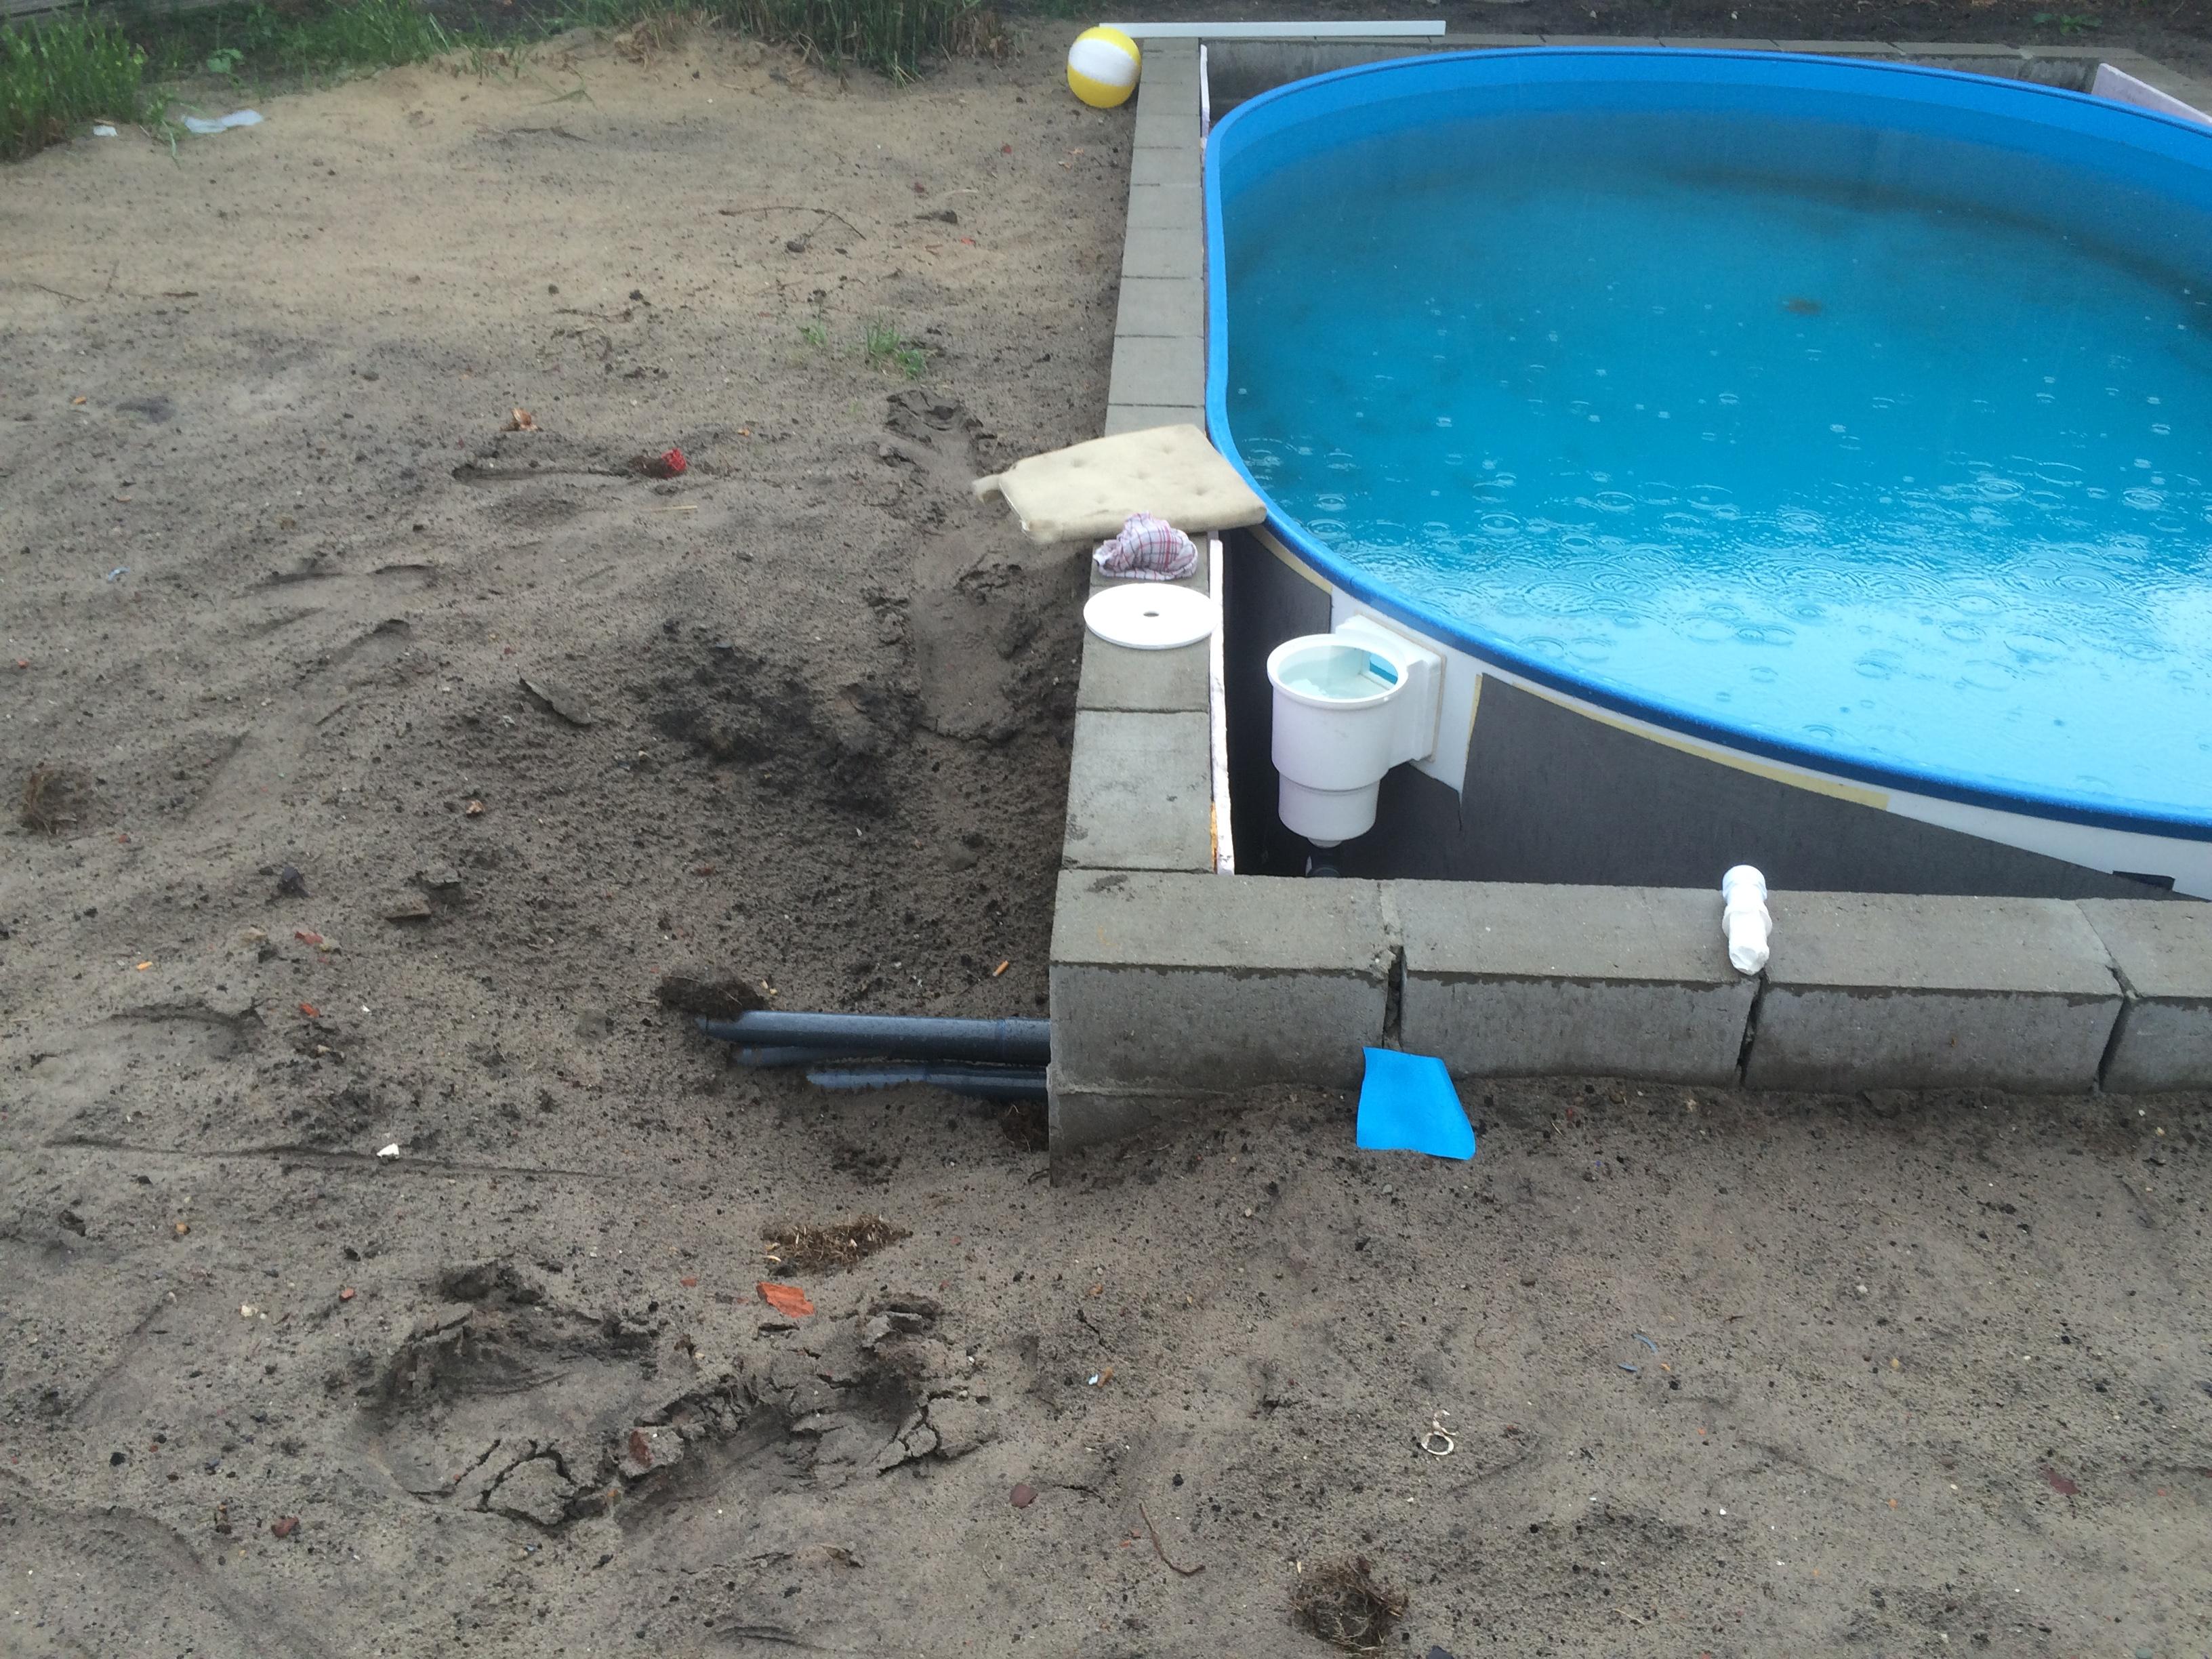 Pomp zuigt niet aan zwembad forum for Zwembad rechthoekig met pomp